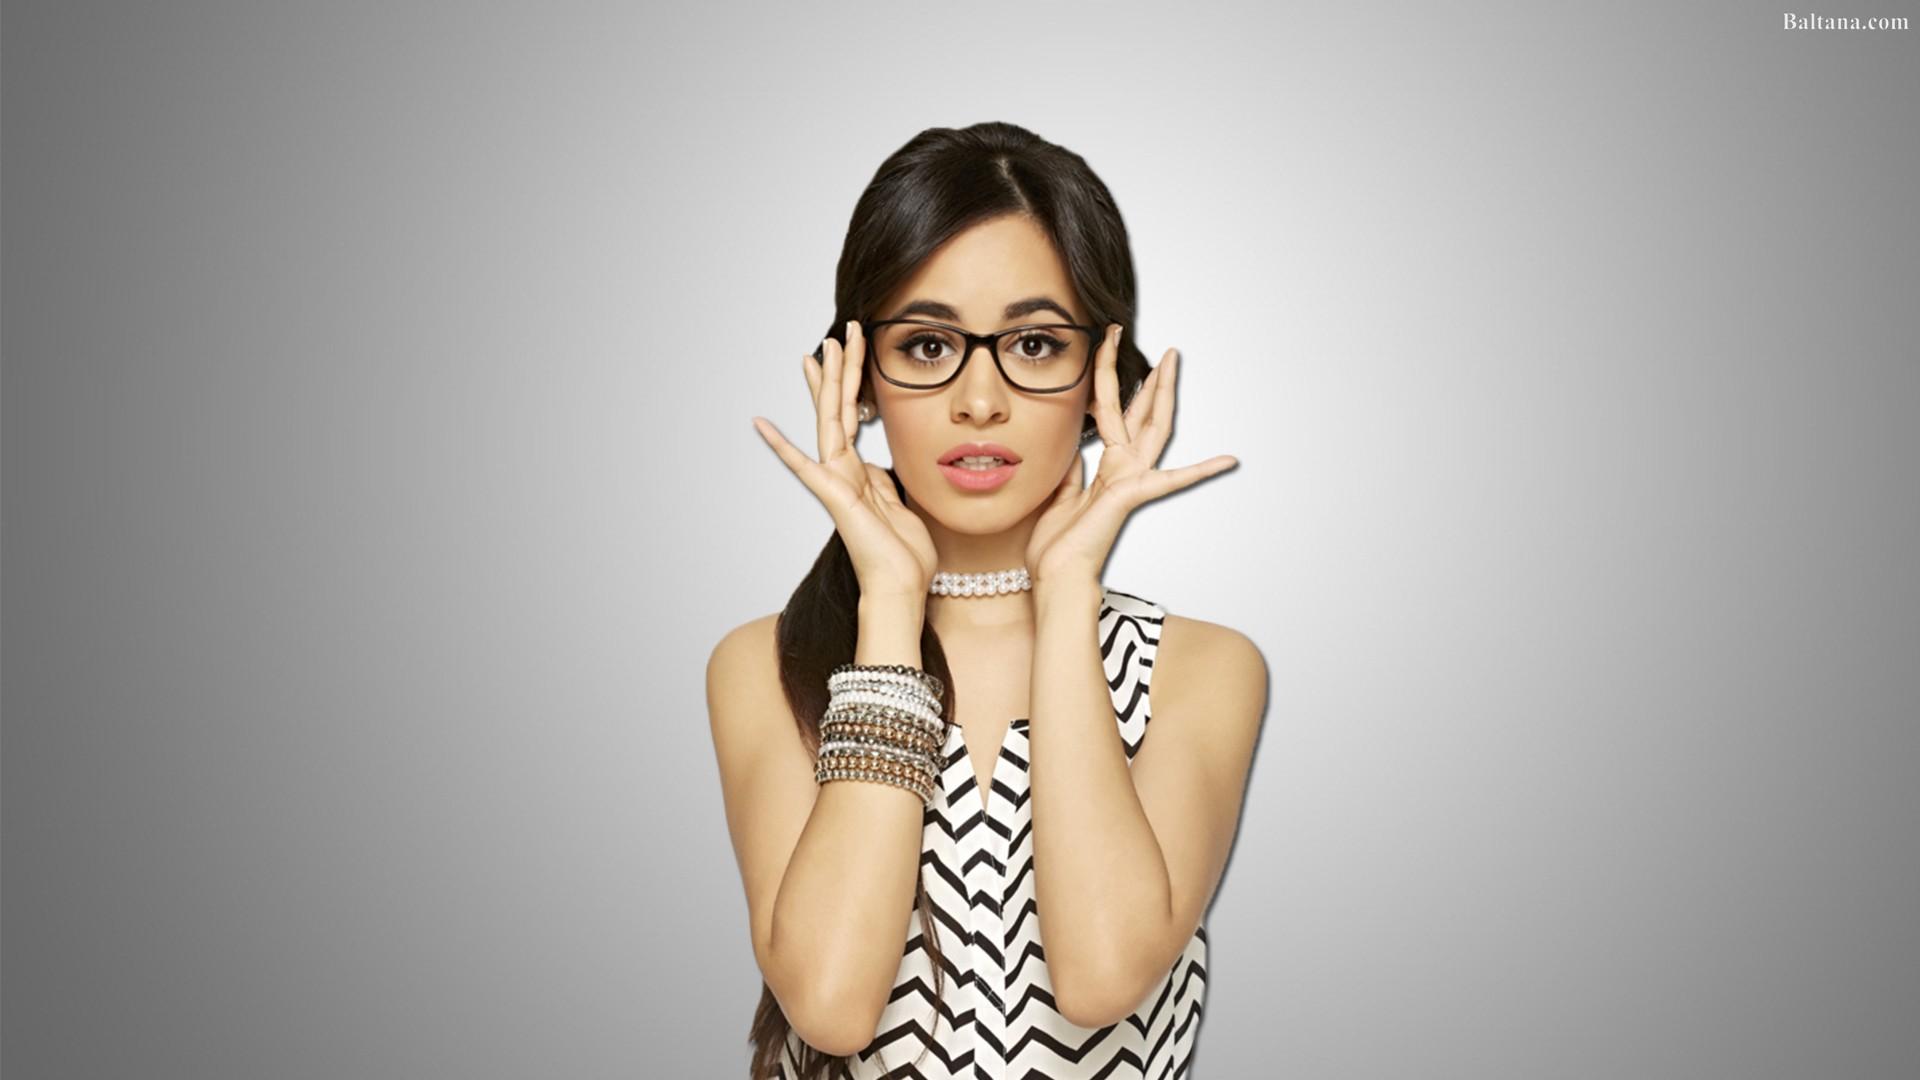 Camila Cabello Desktop Wallpaper 29625   Baltana 1920x1080